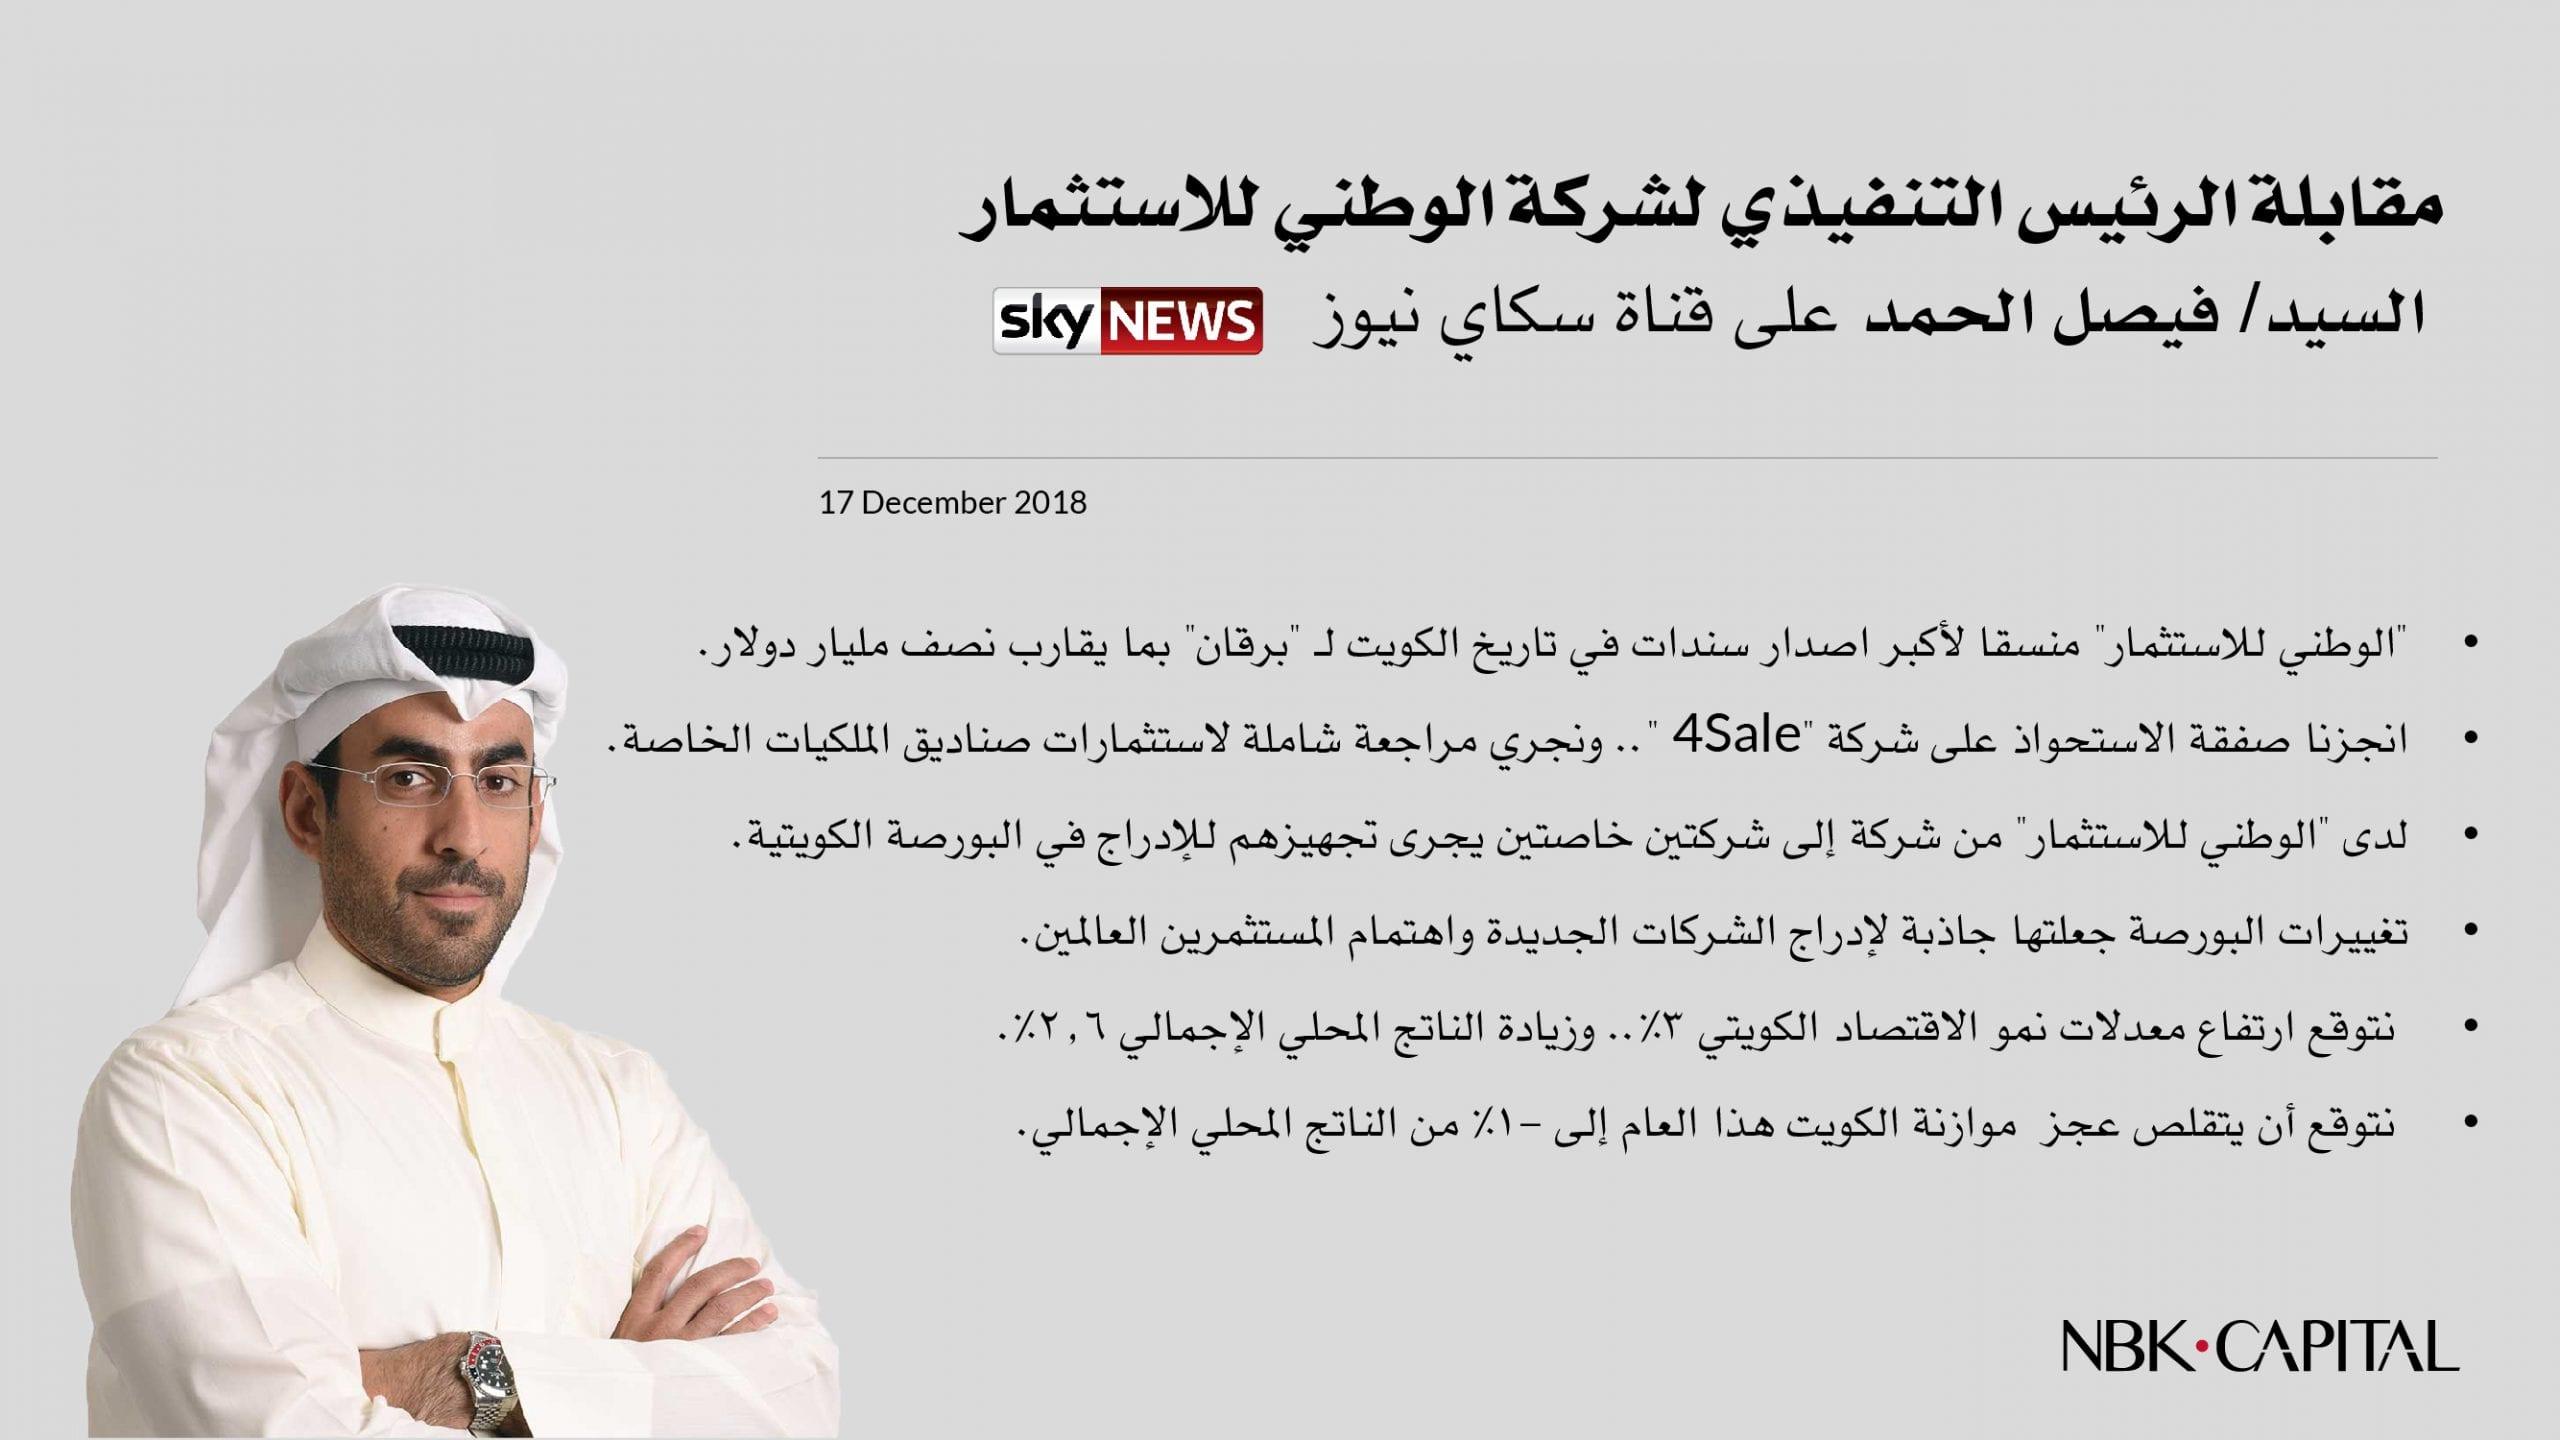 """""""الوطني للاستثمار"""": منسقاً لأكبر اصدار سندات في تاريخ الكويت لـ""""برقان"""" بقيمة نصف مليار دولار"""